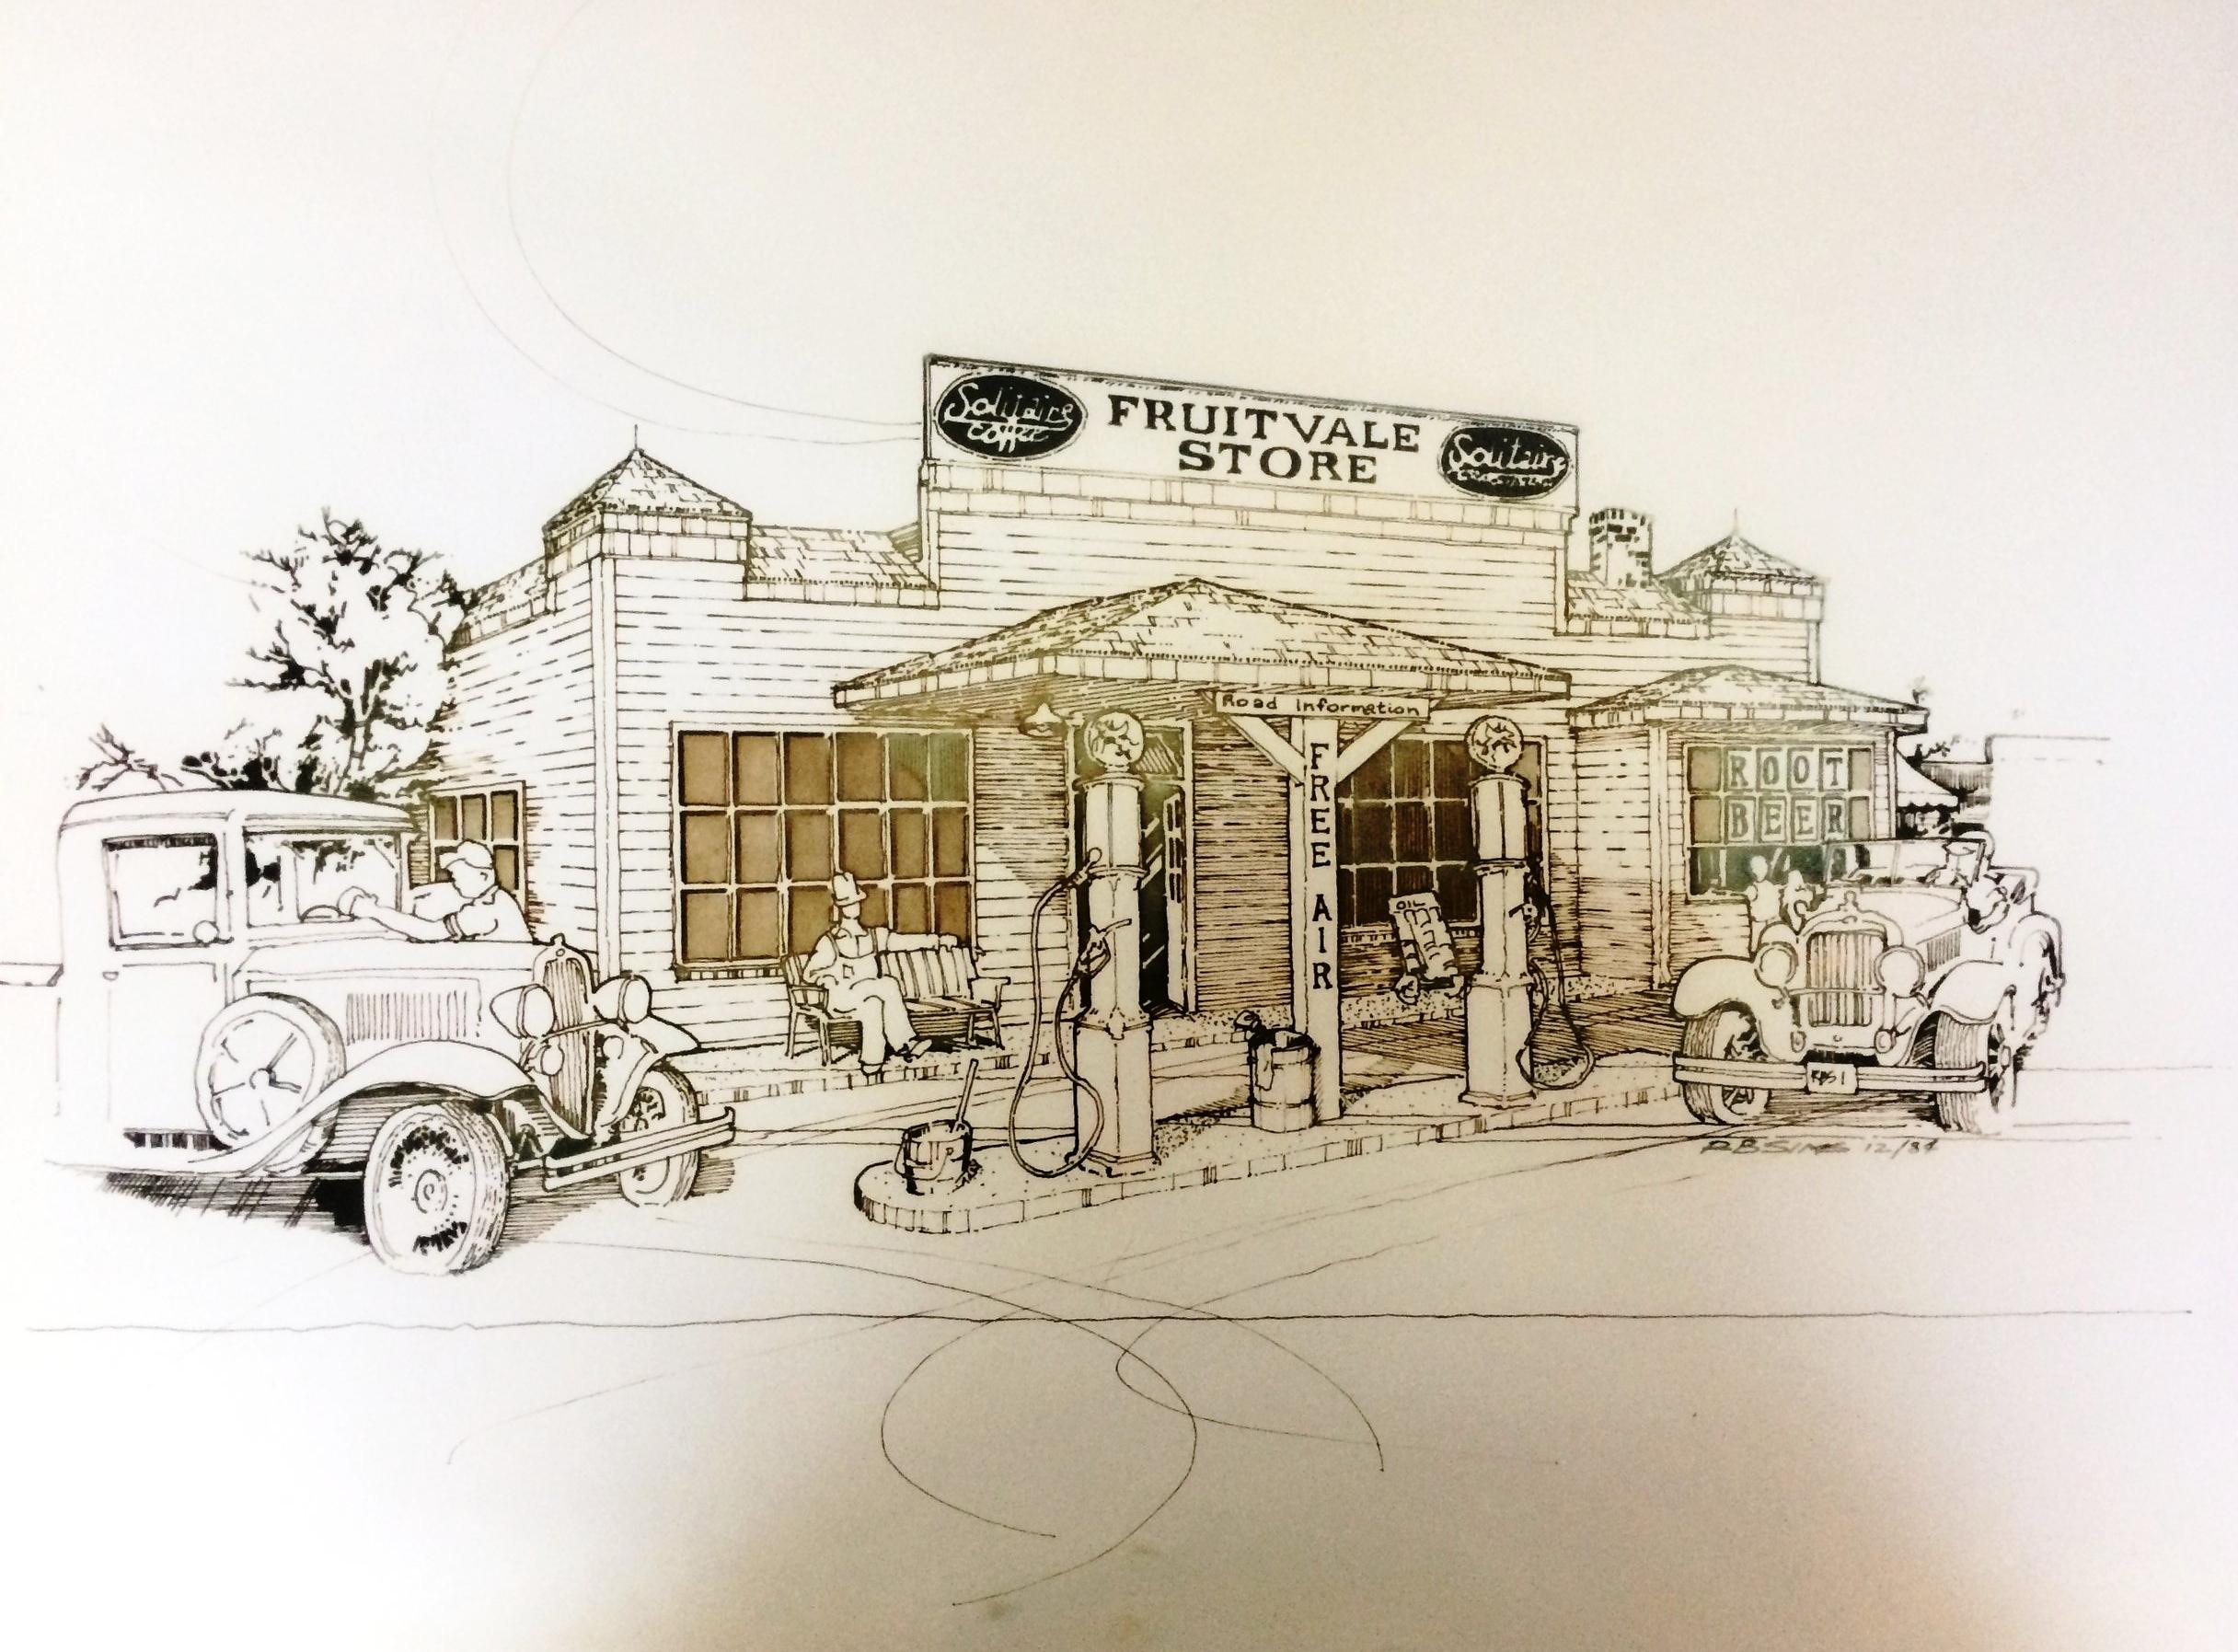 fruitvale store drawing.JPG